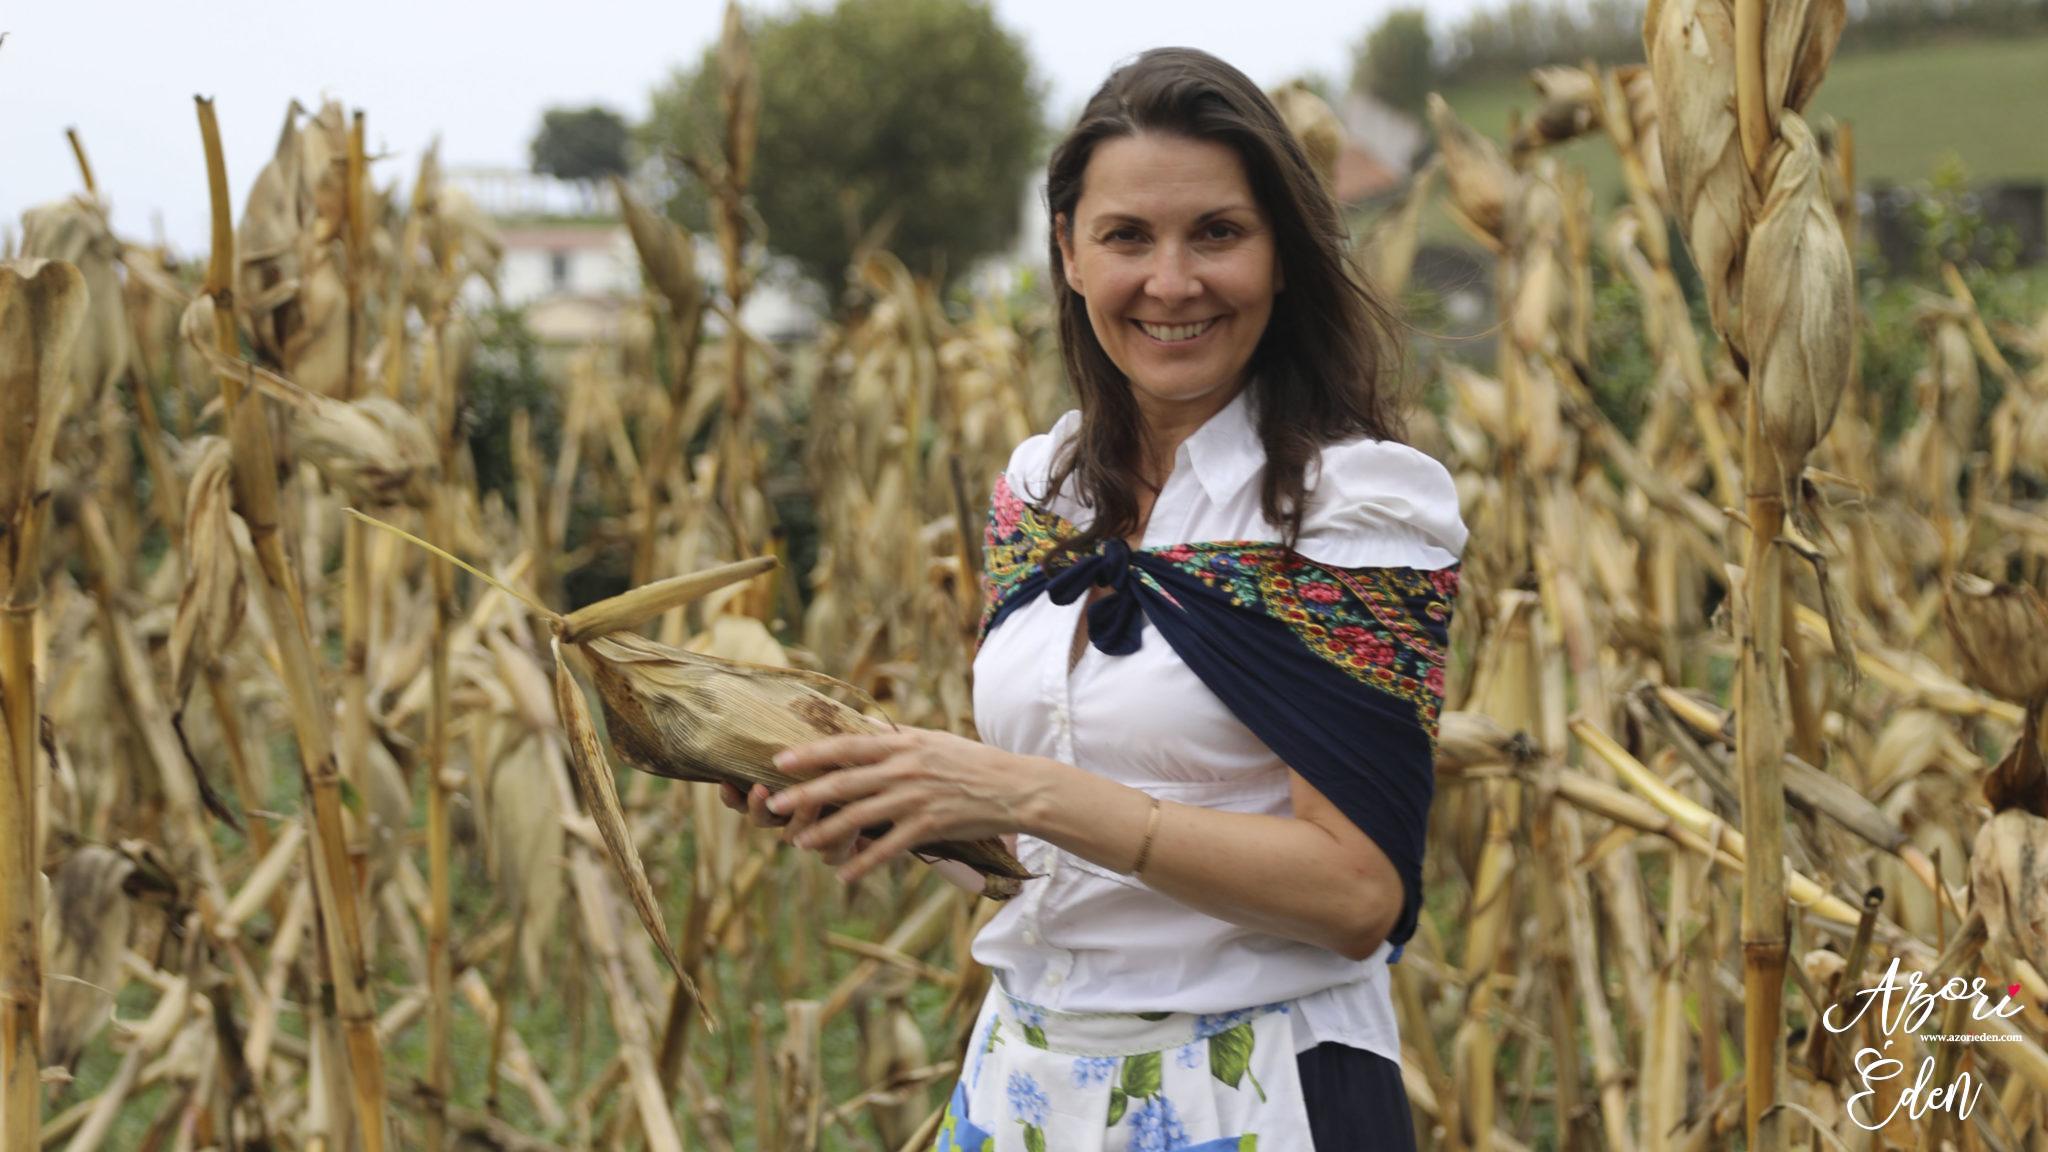 Kukoricatörés az Azori-szigeteken